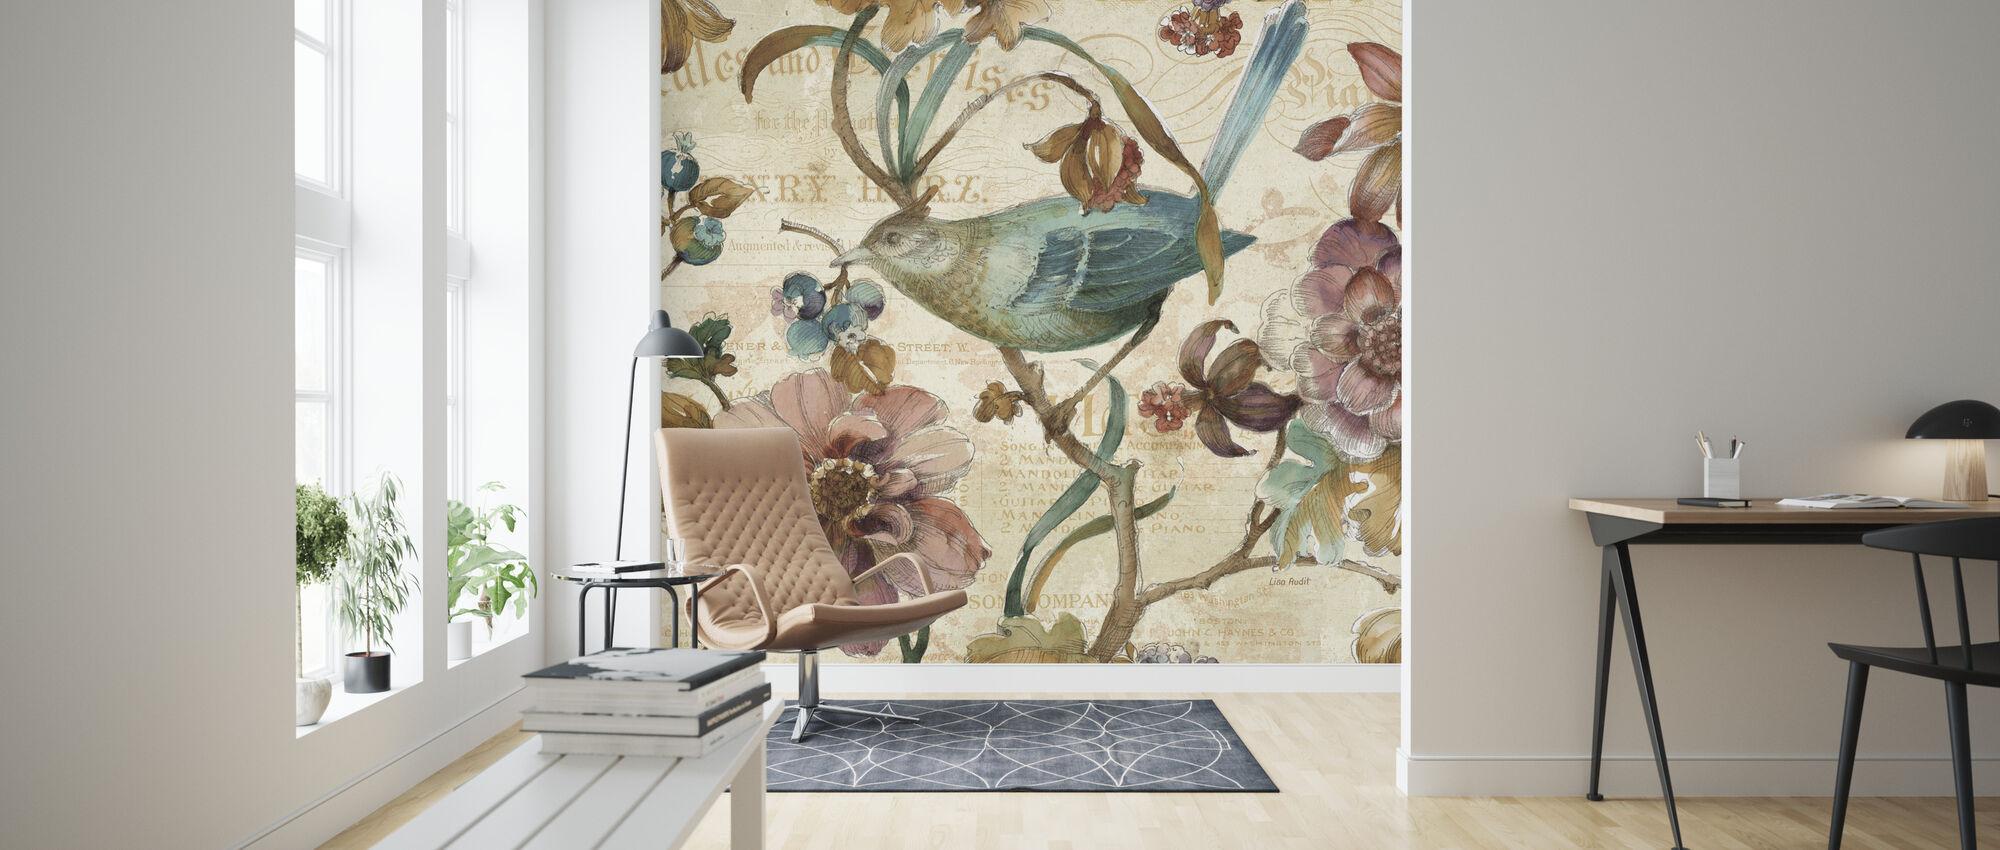 A Garden Moment 2 - Wallpaper - Living Room